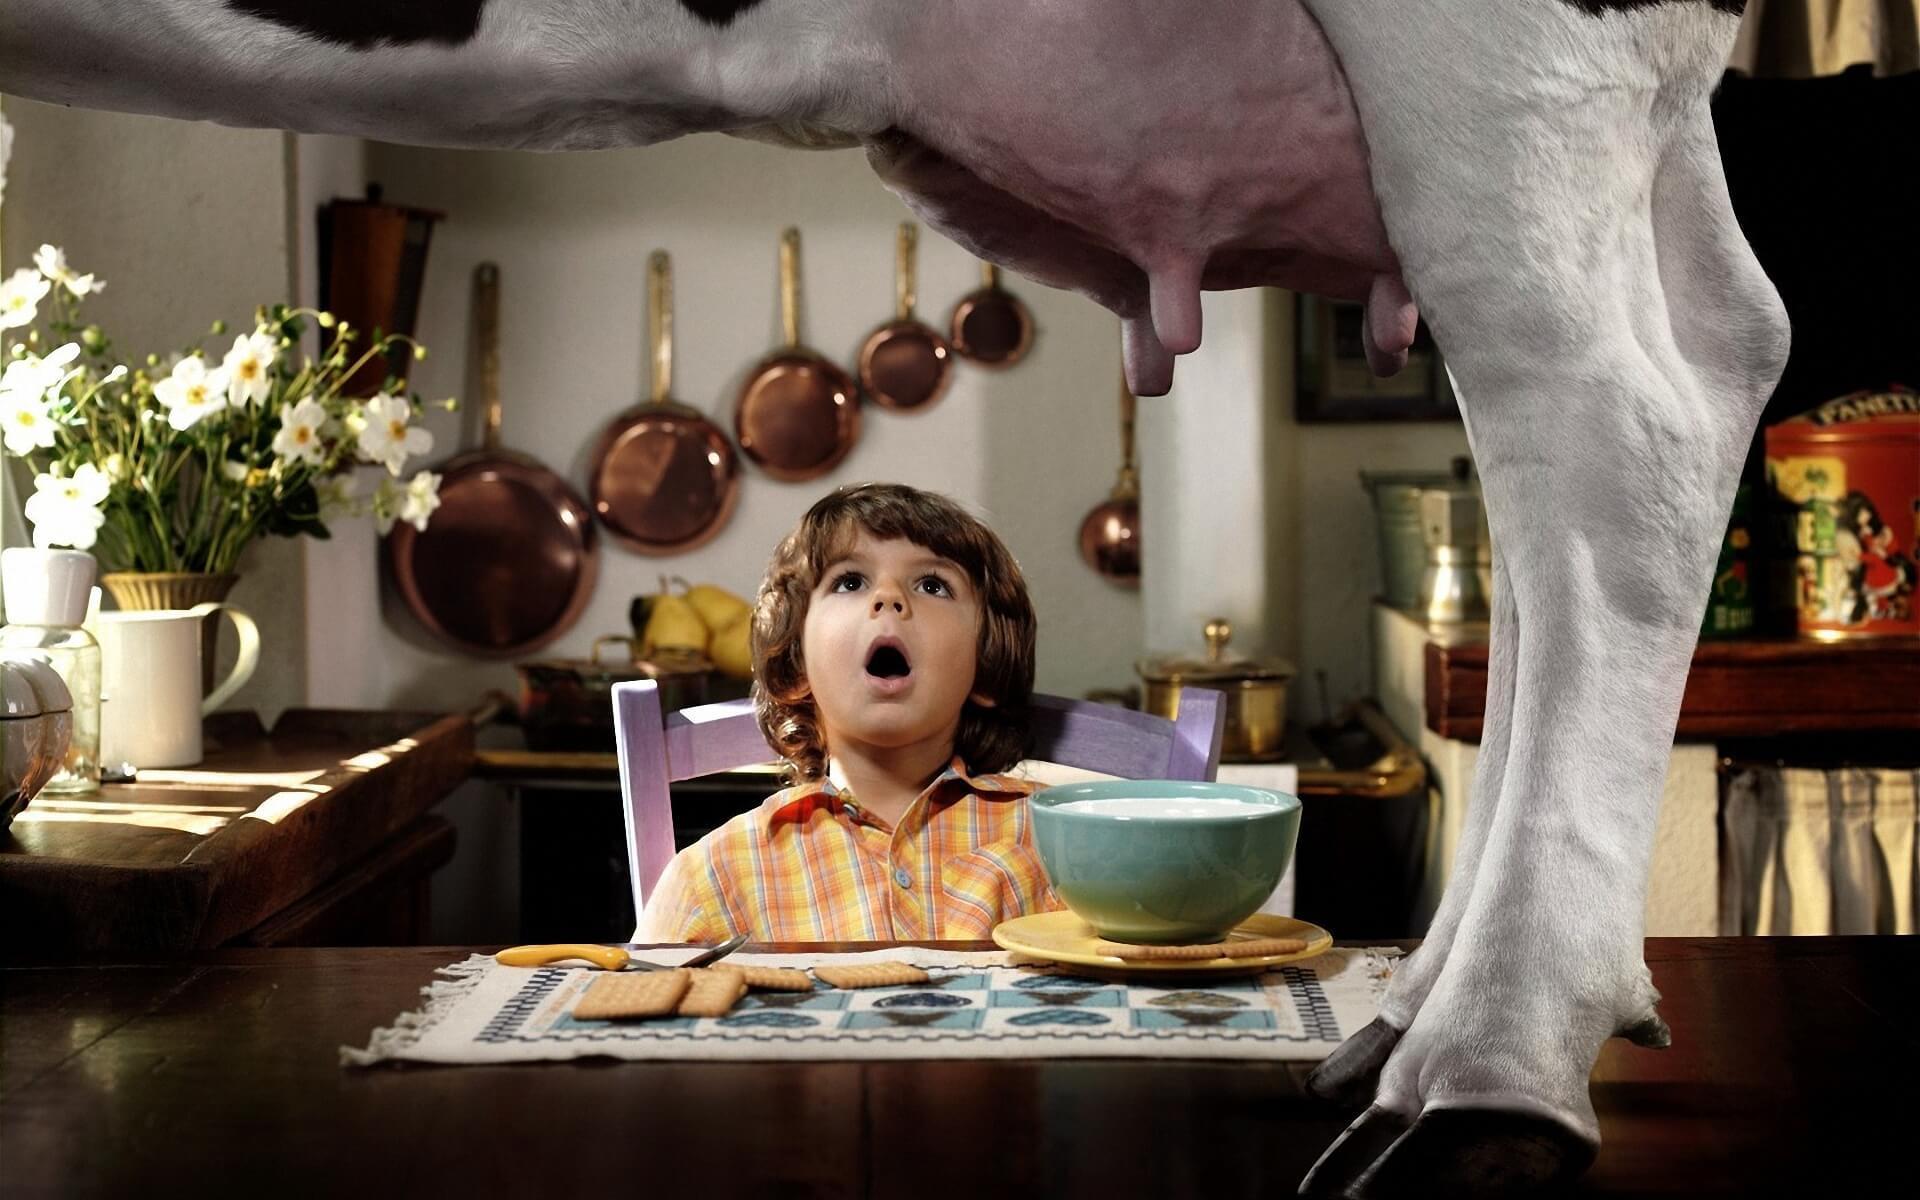 Молоко или кальций? Как употребление молока разрушает ваши кости